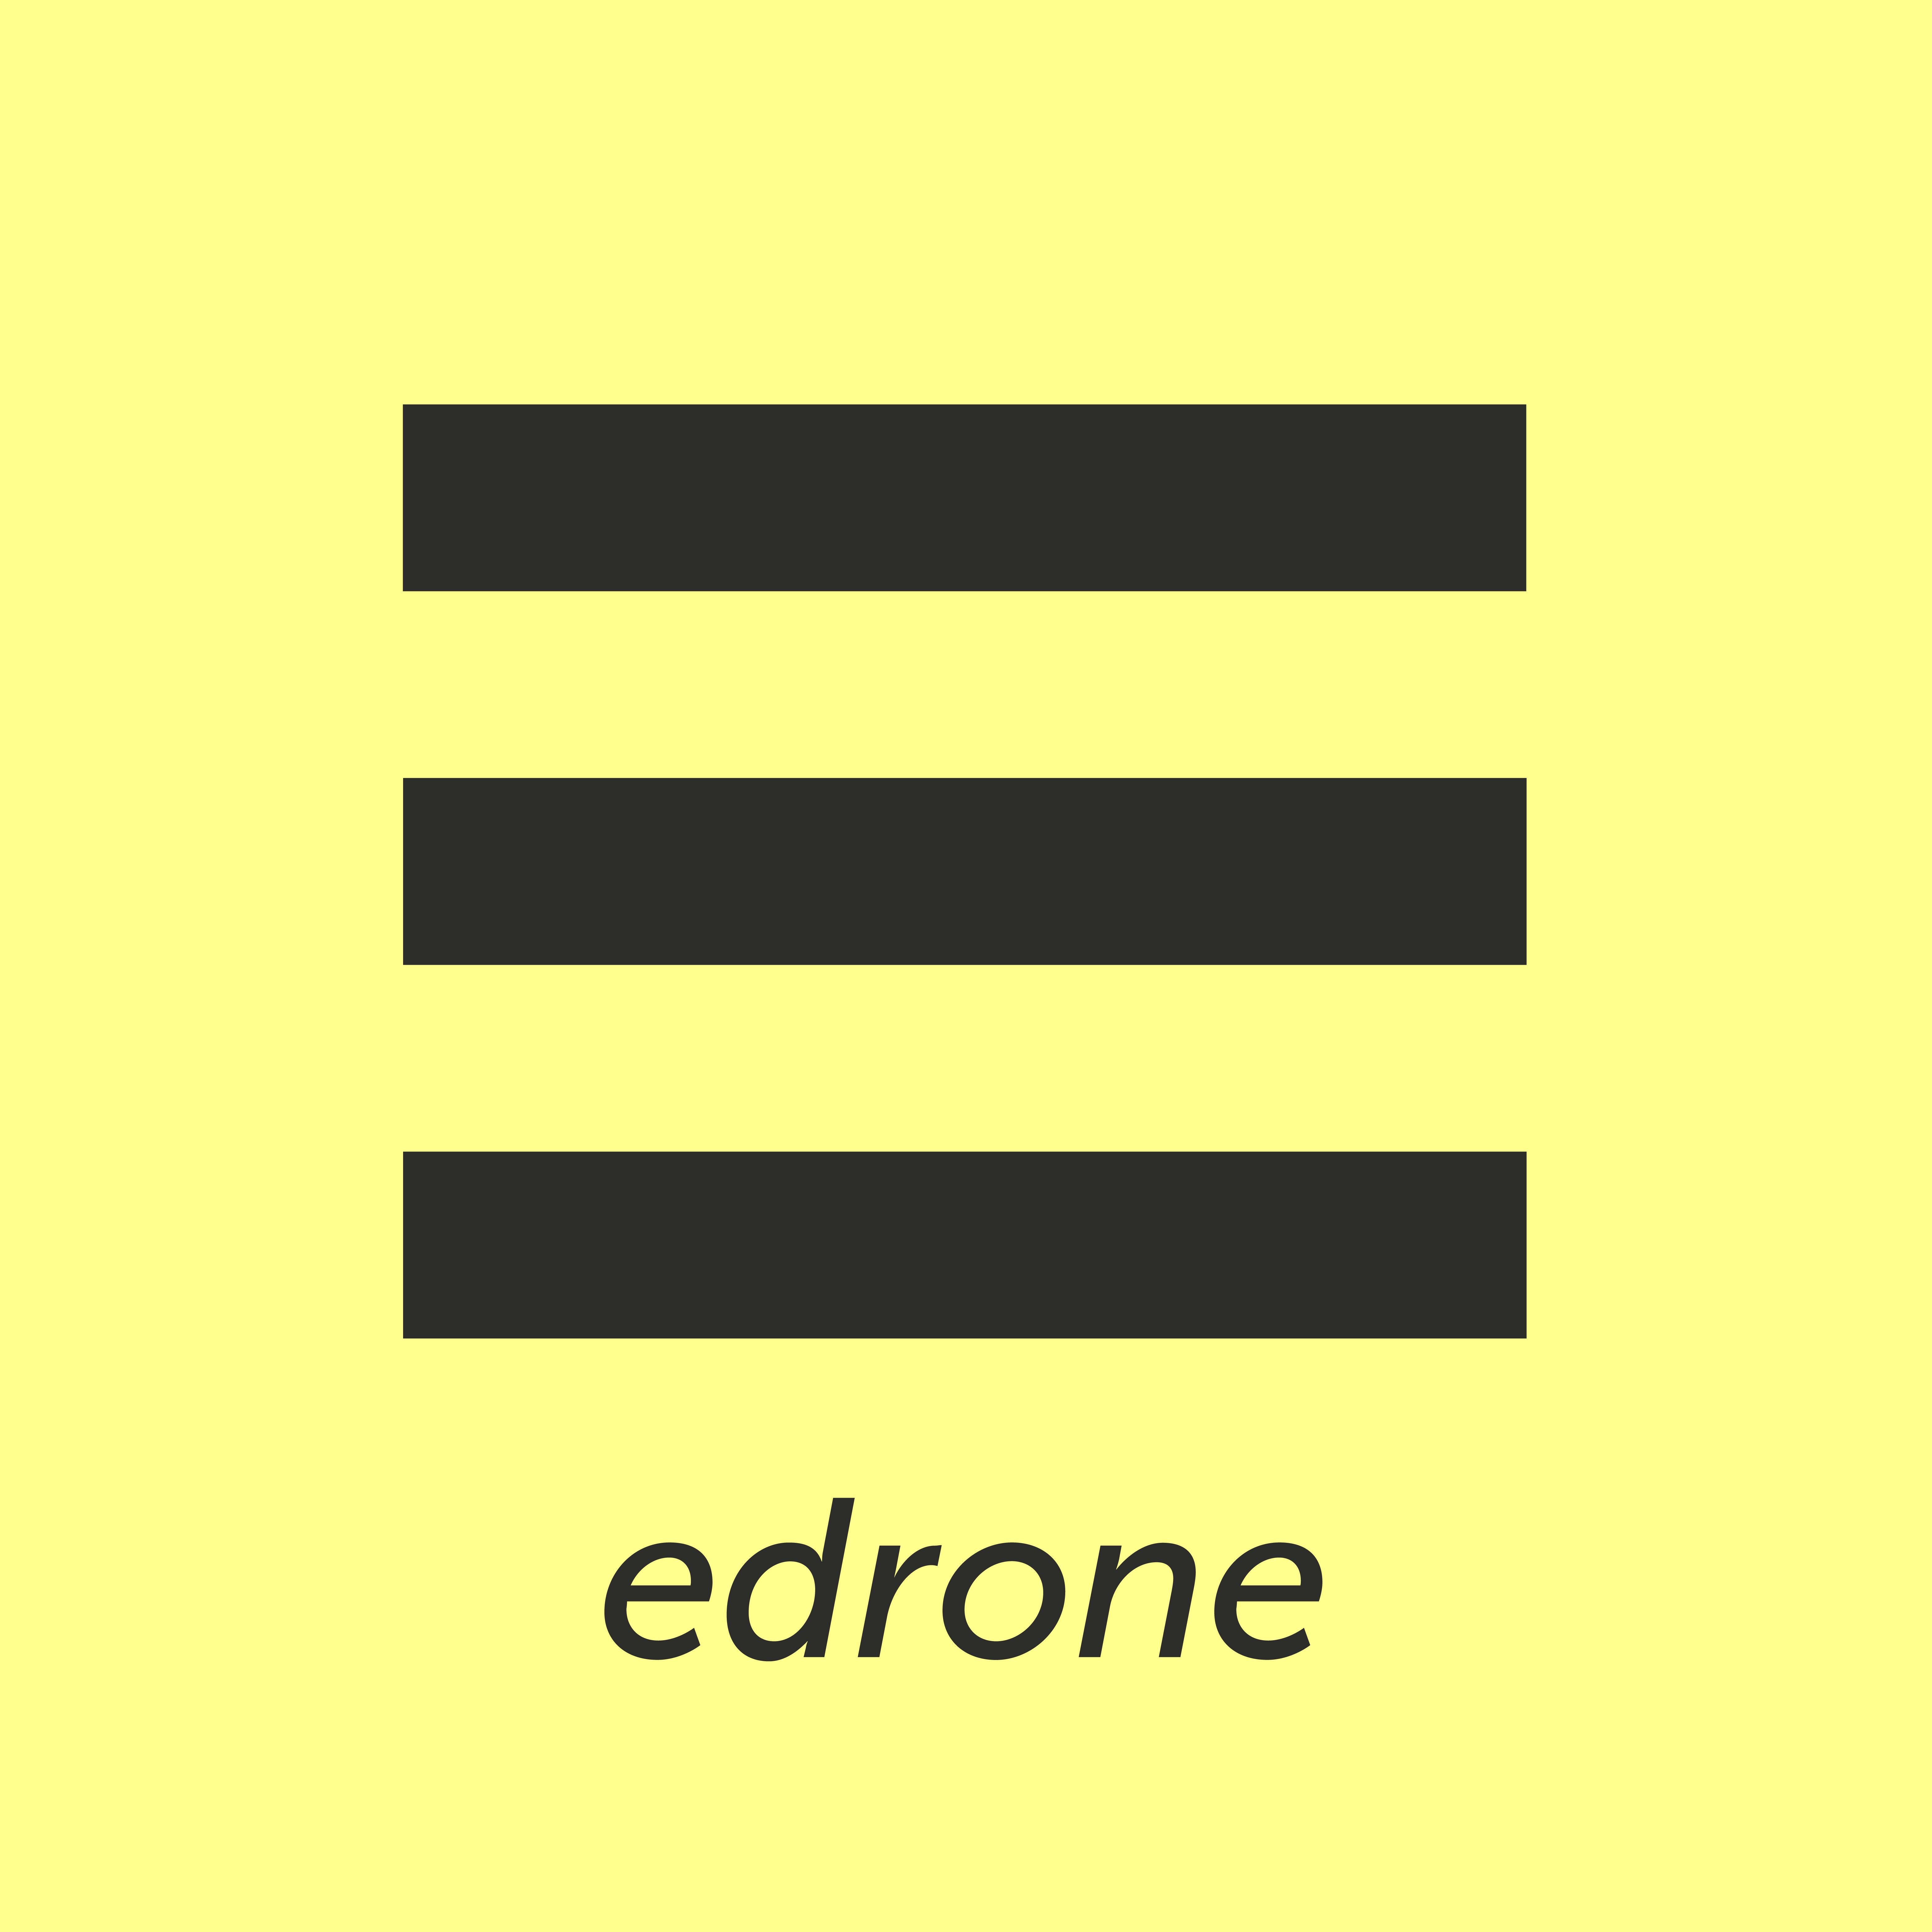 edrone.me